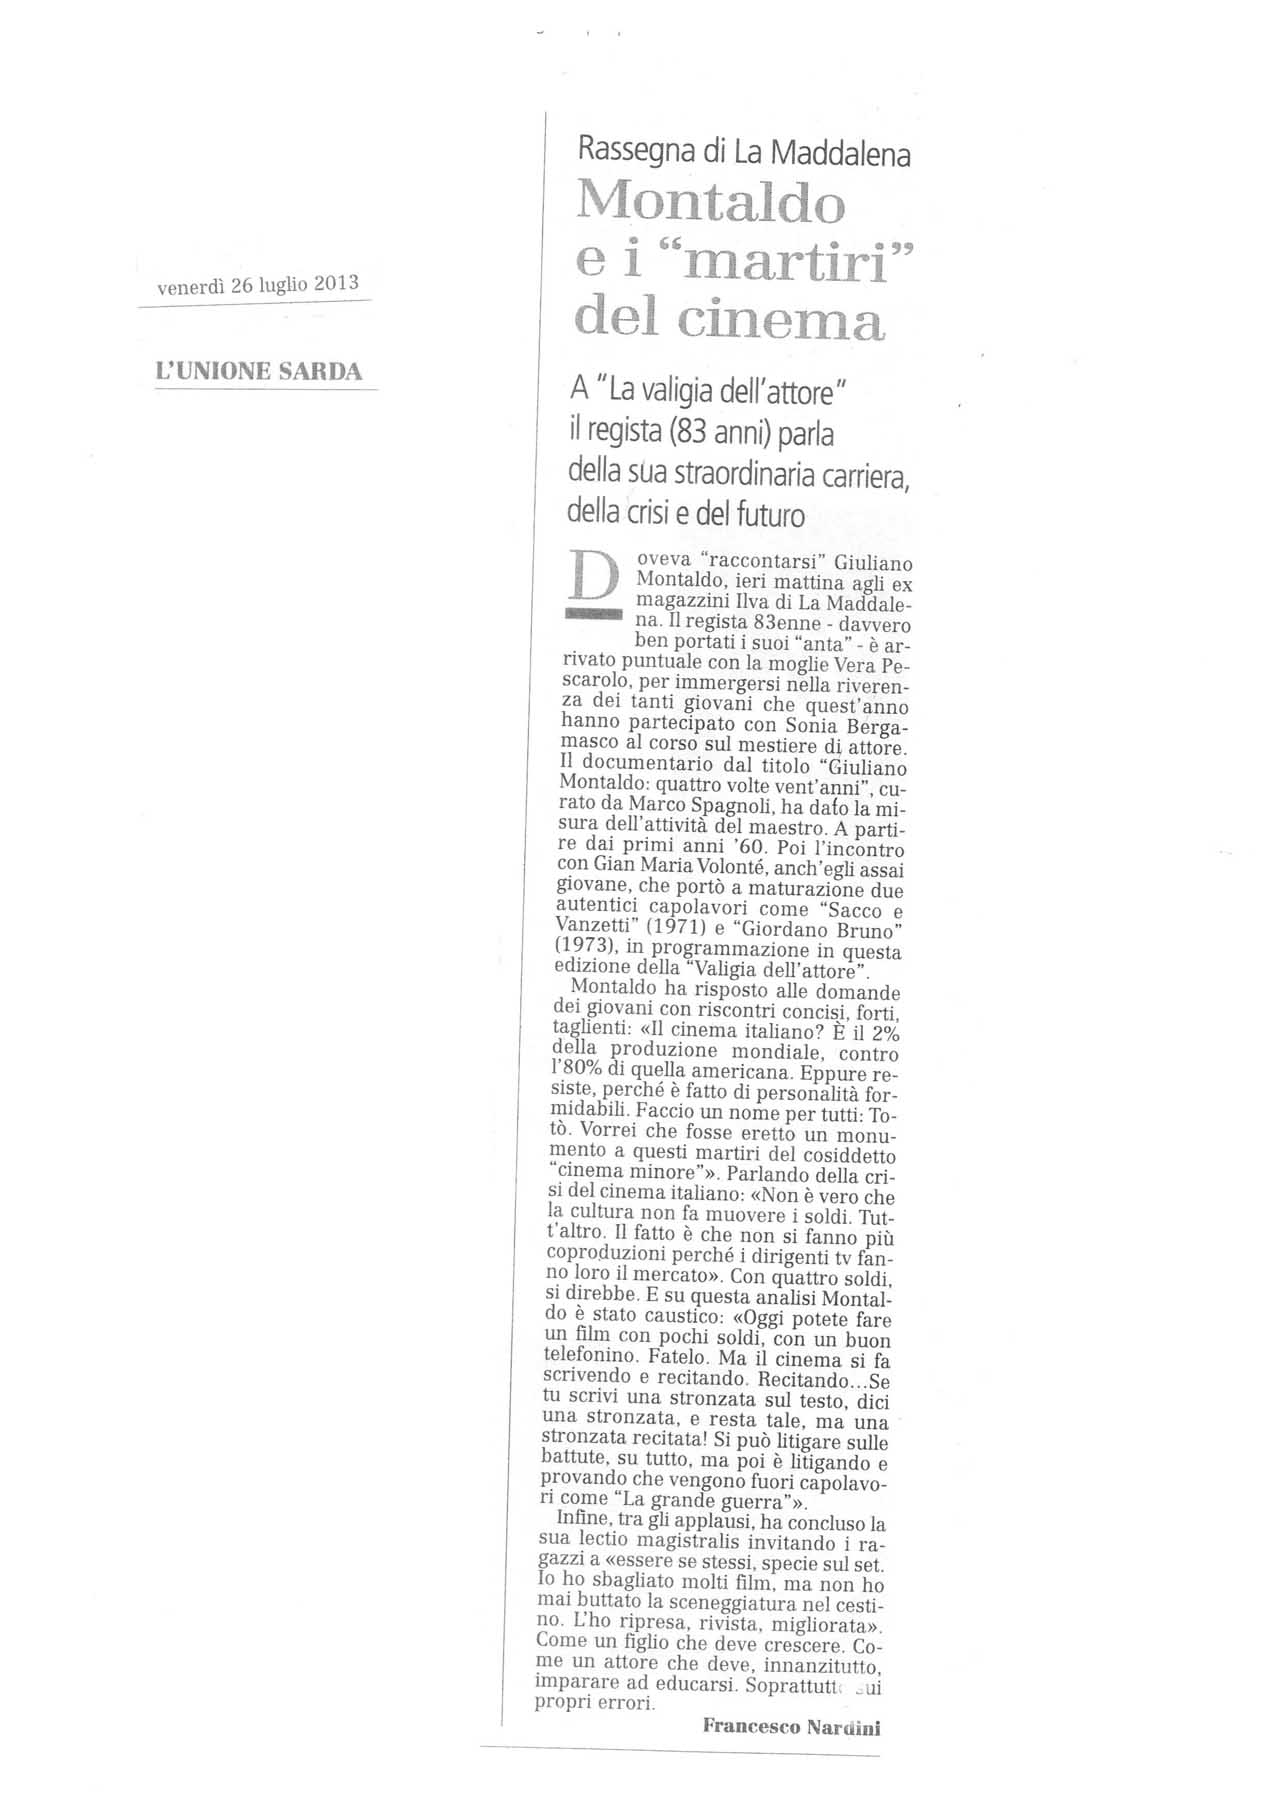 012 L'Unione Sarda 26.07.13